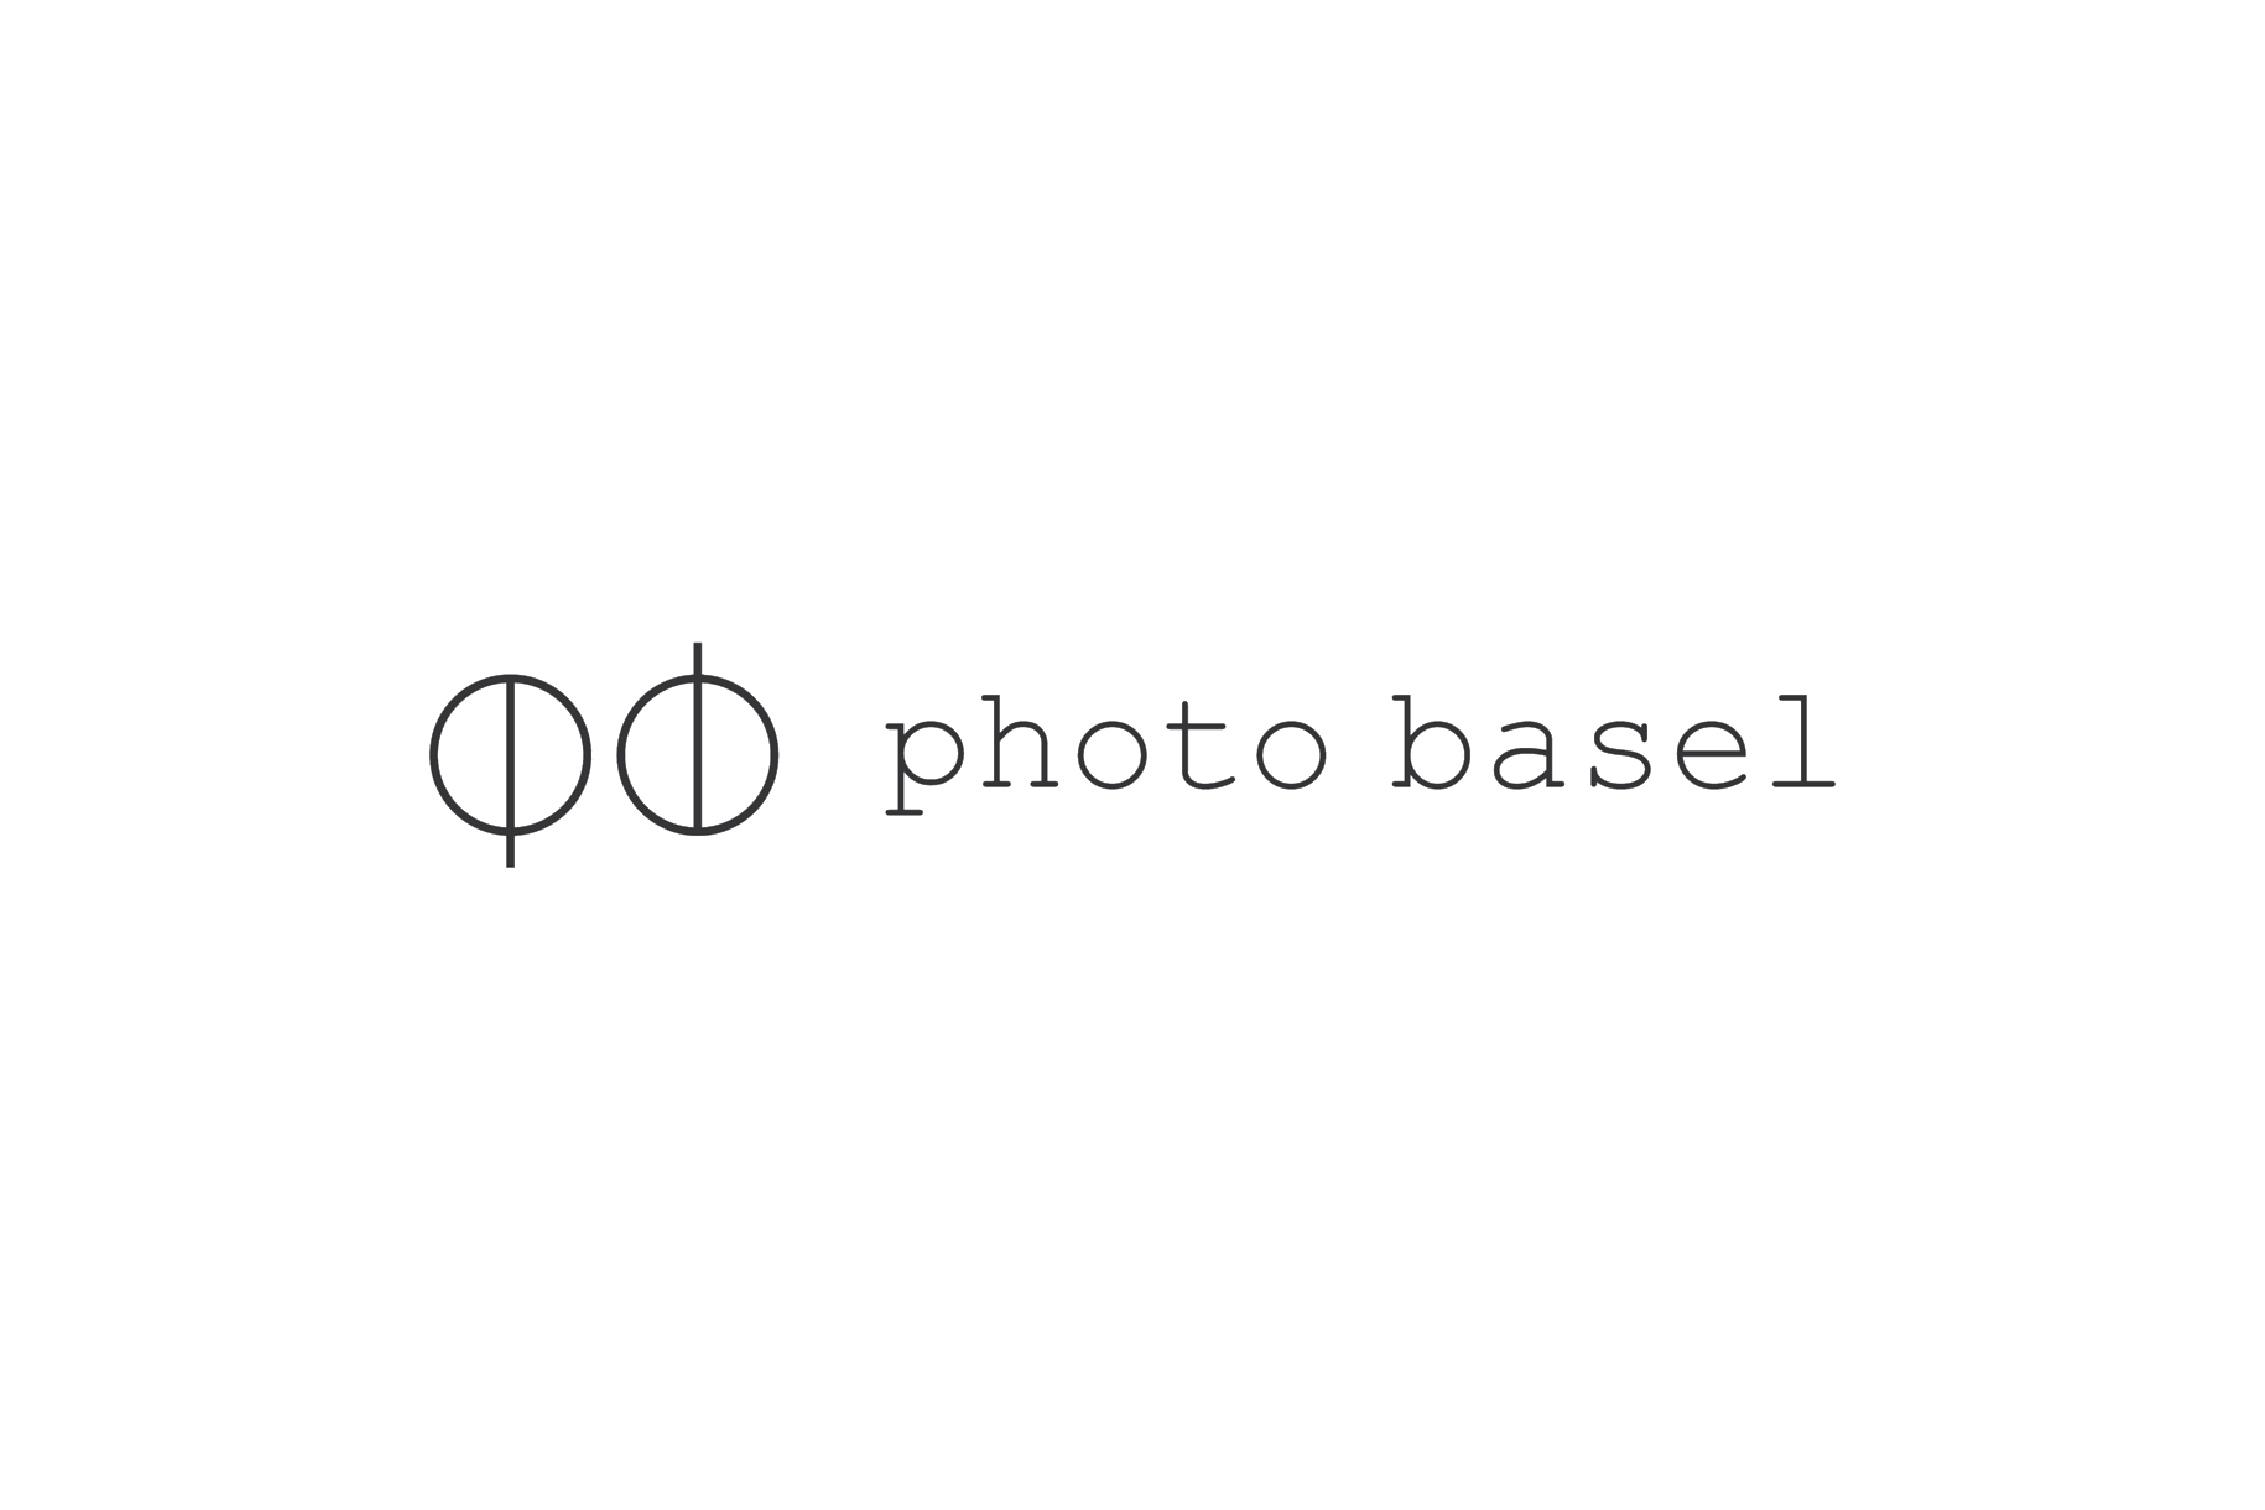 Logo+photobasel.jpg